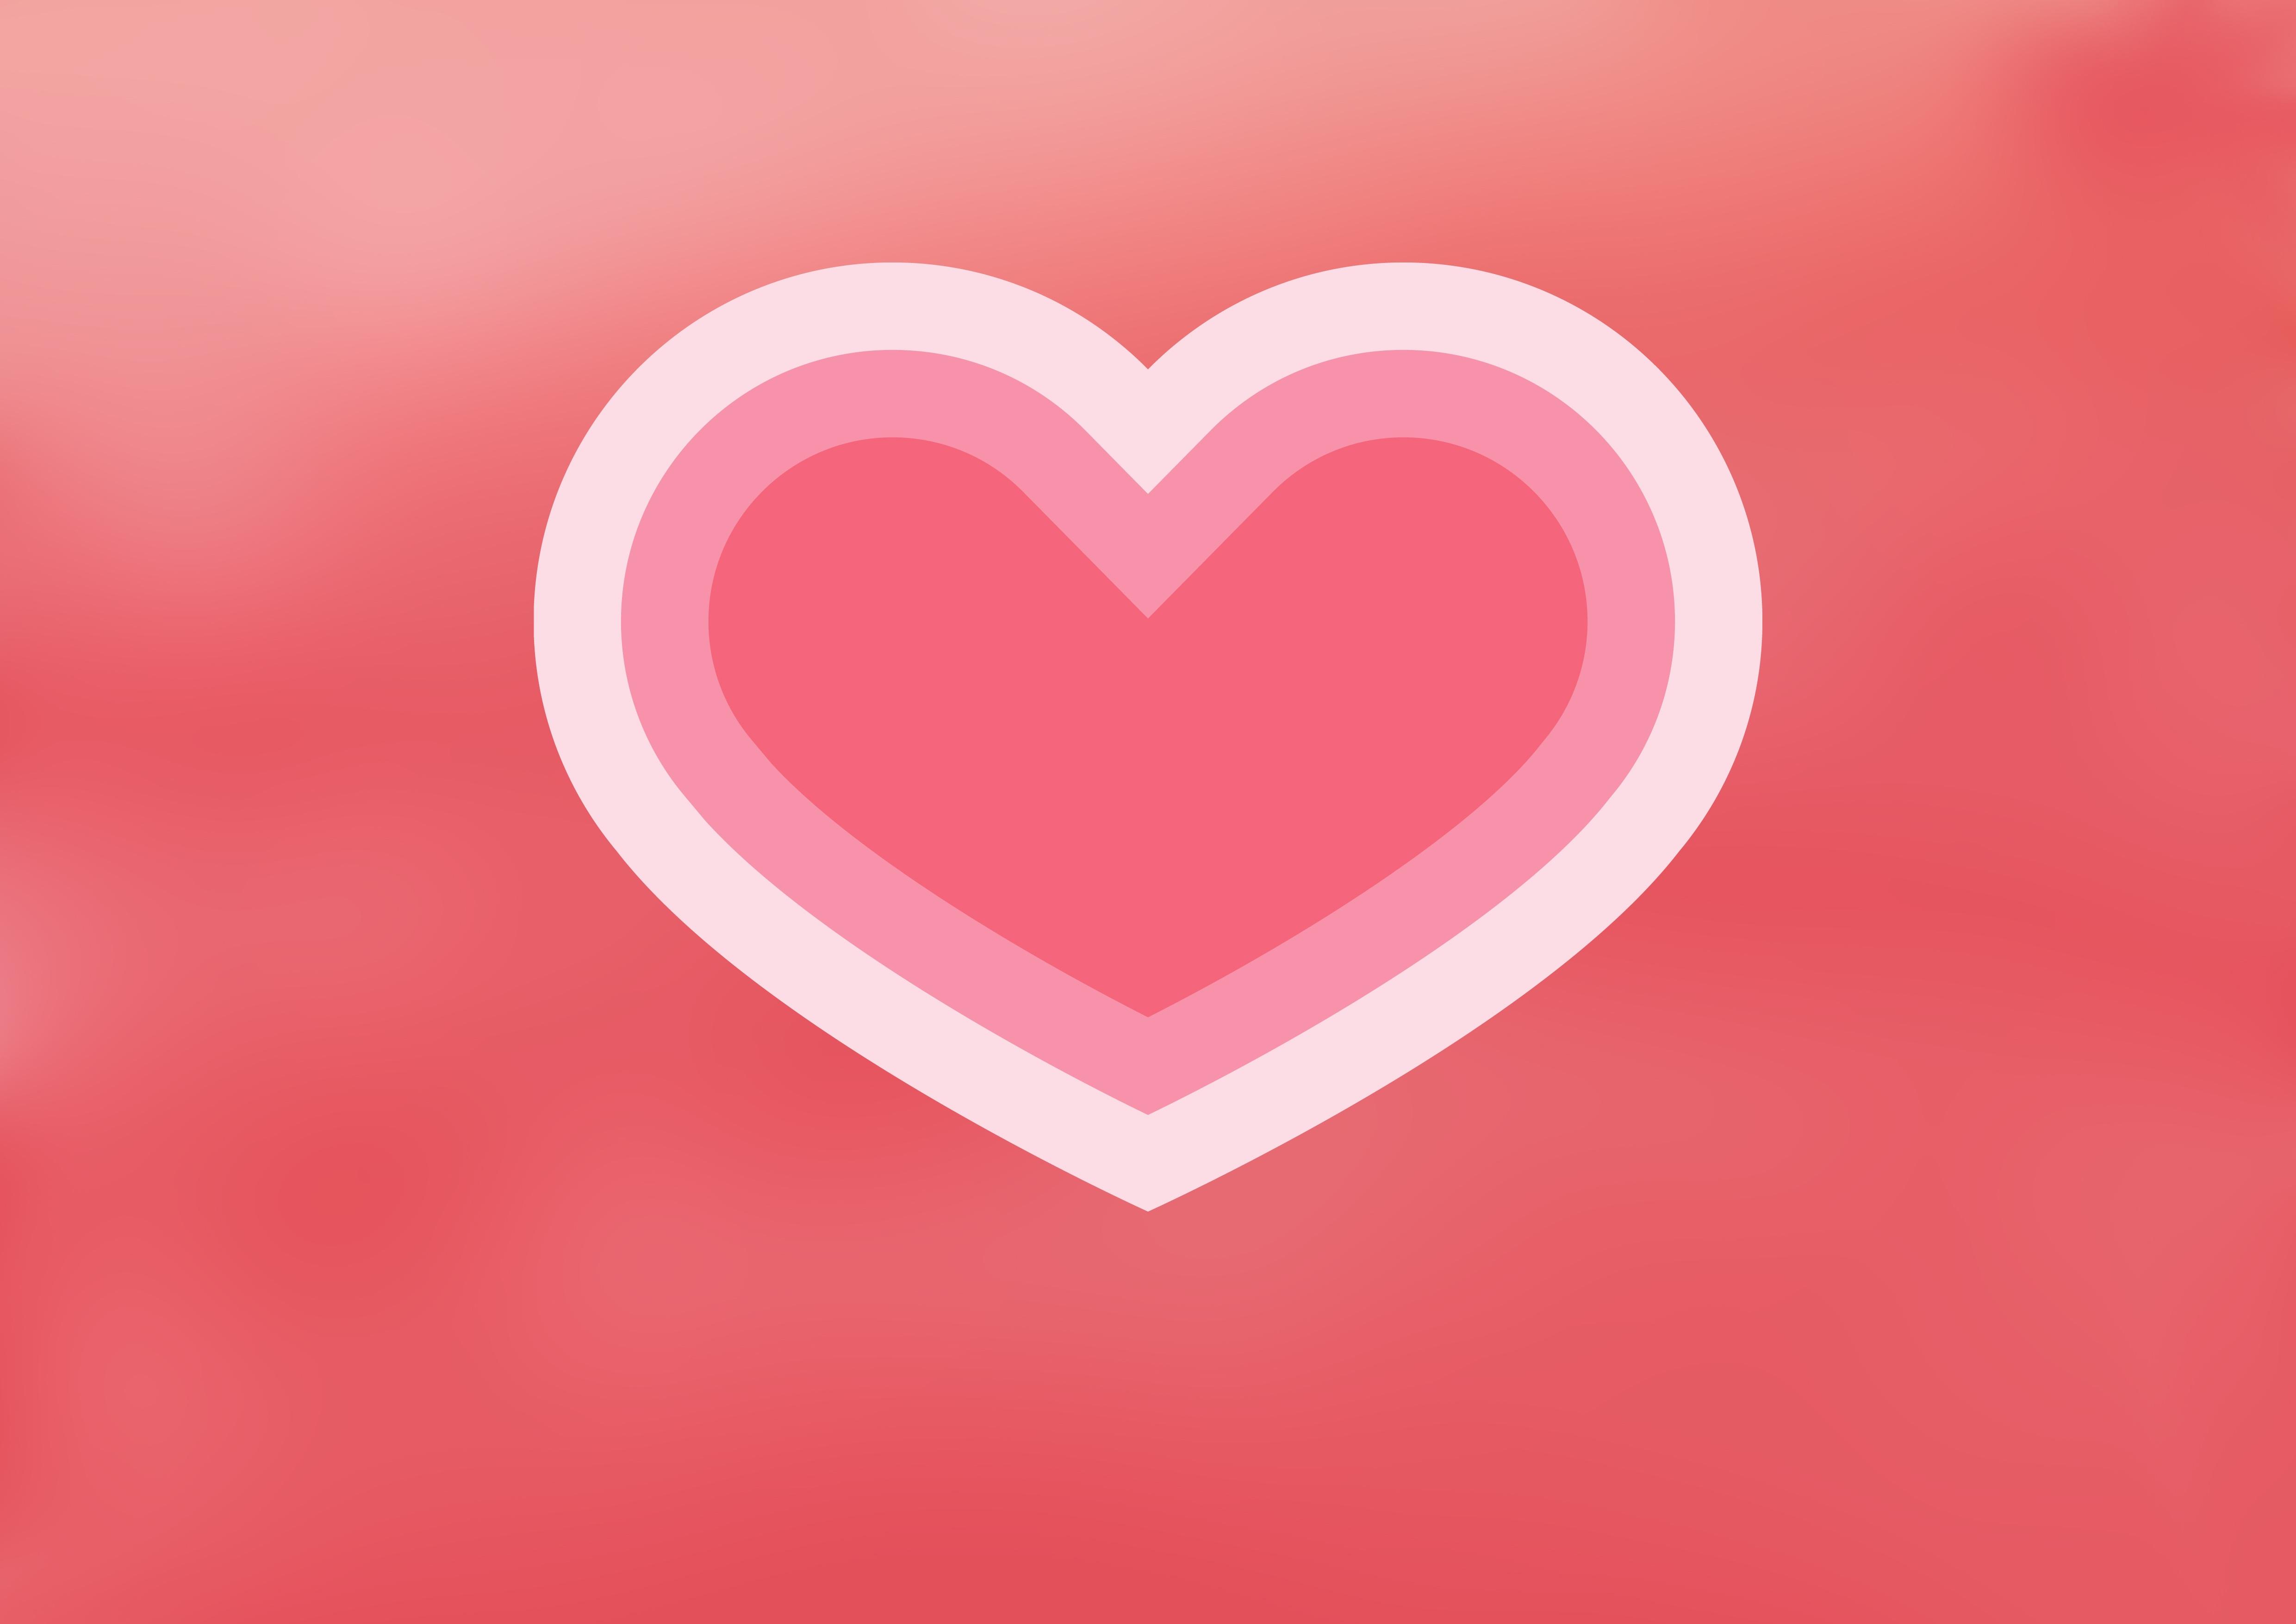 Gambar Langit Jantung Percintaan Romantis Berwarna